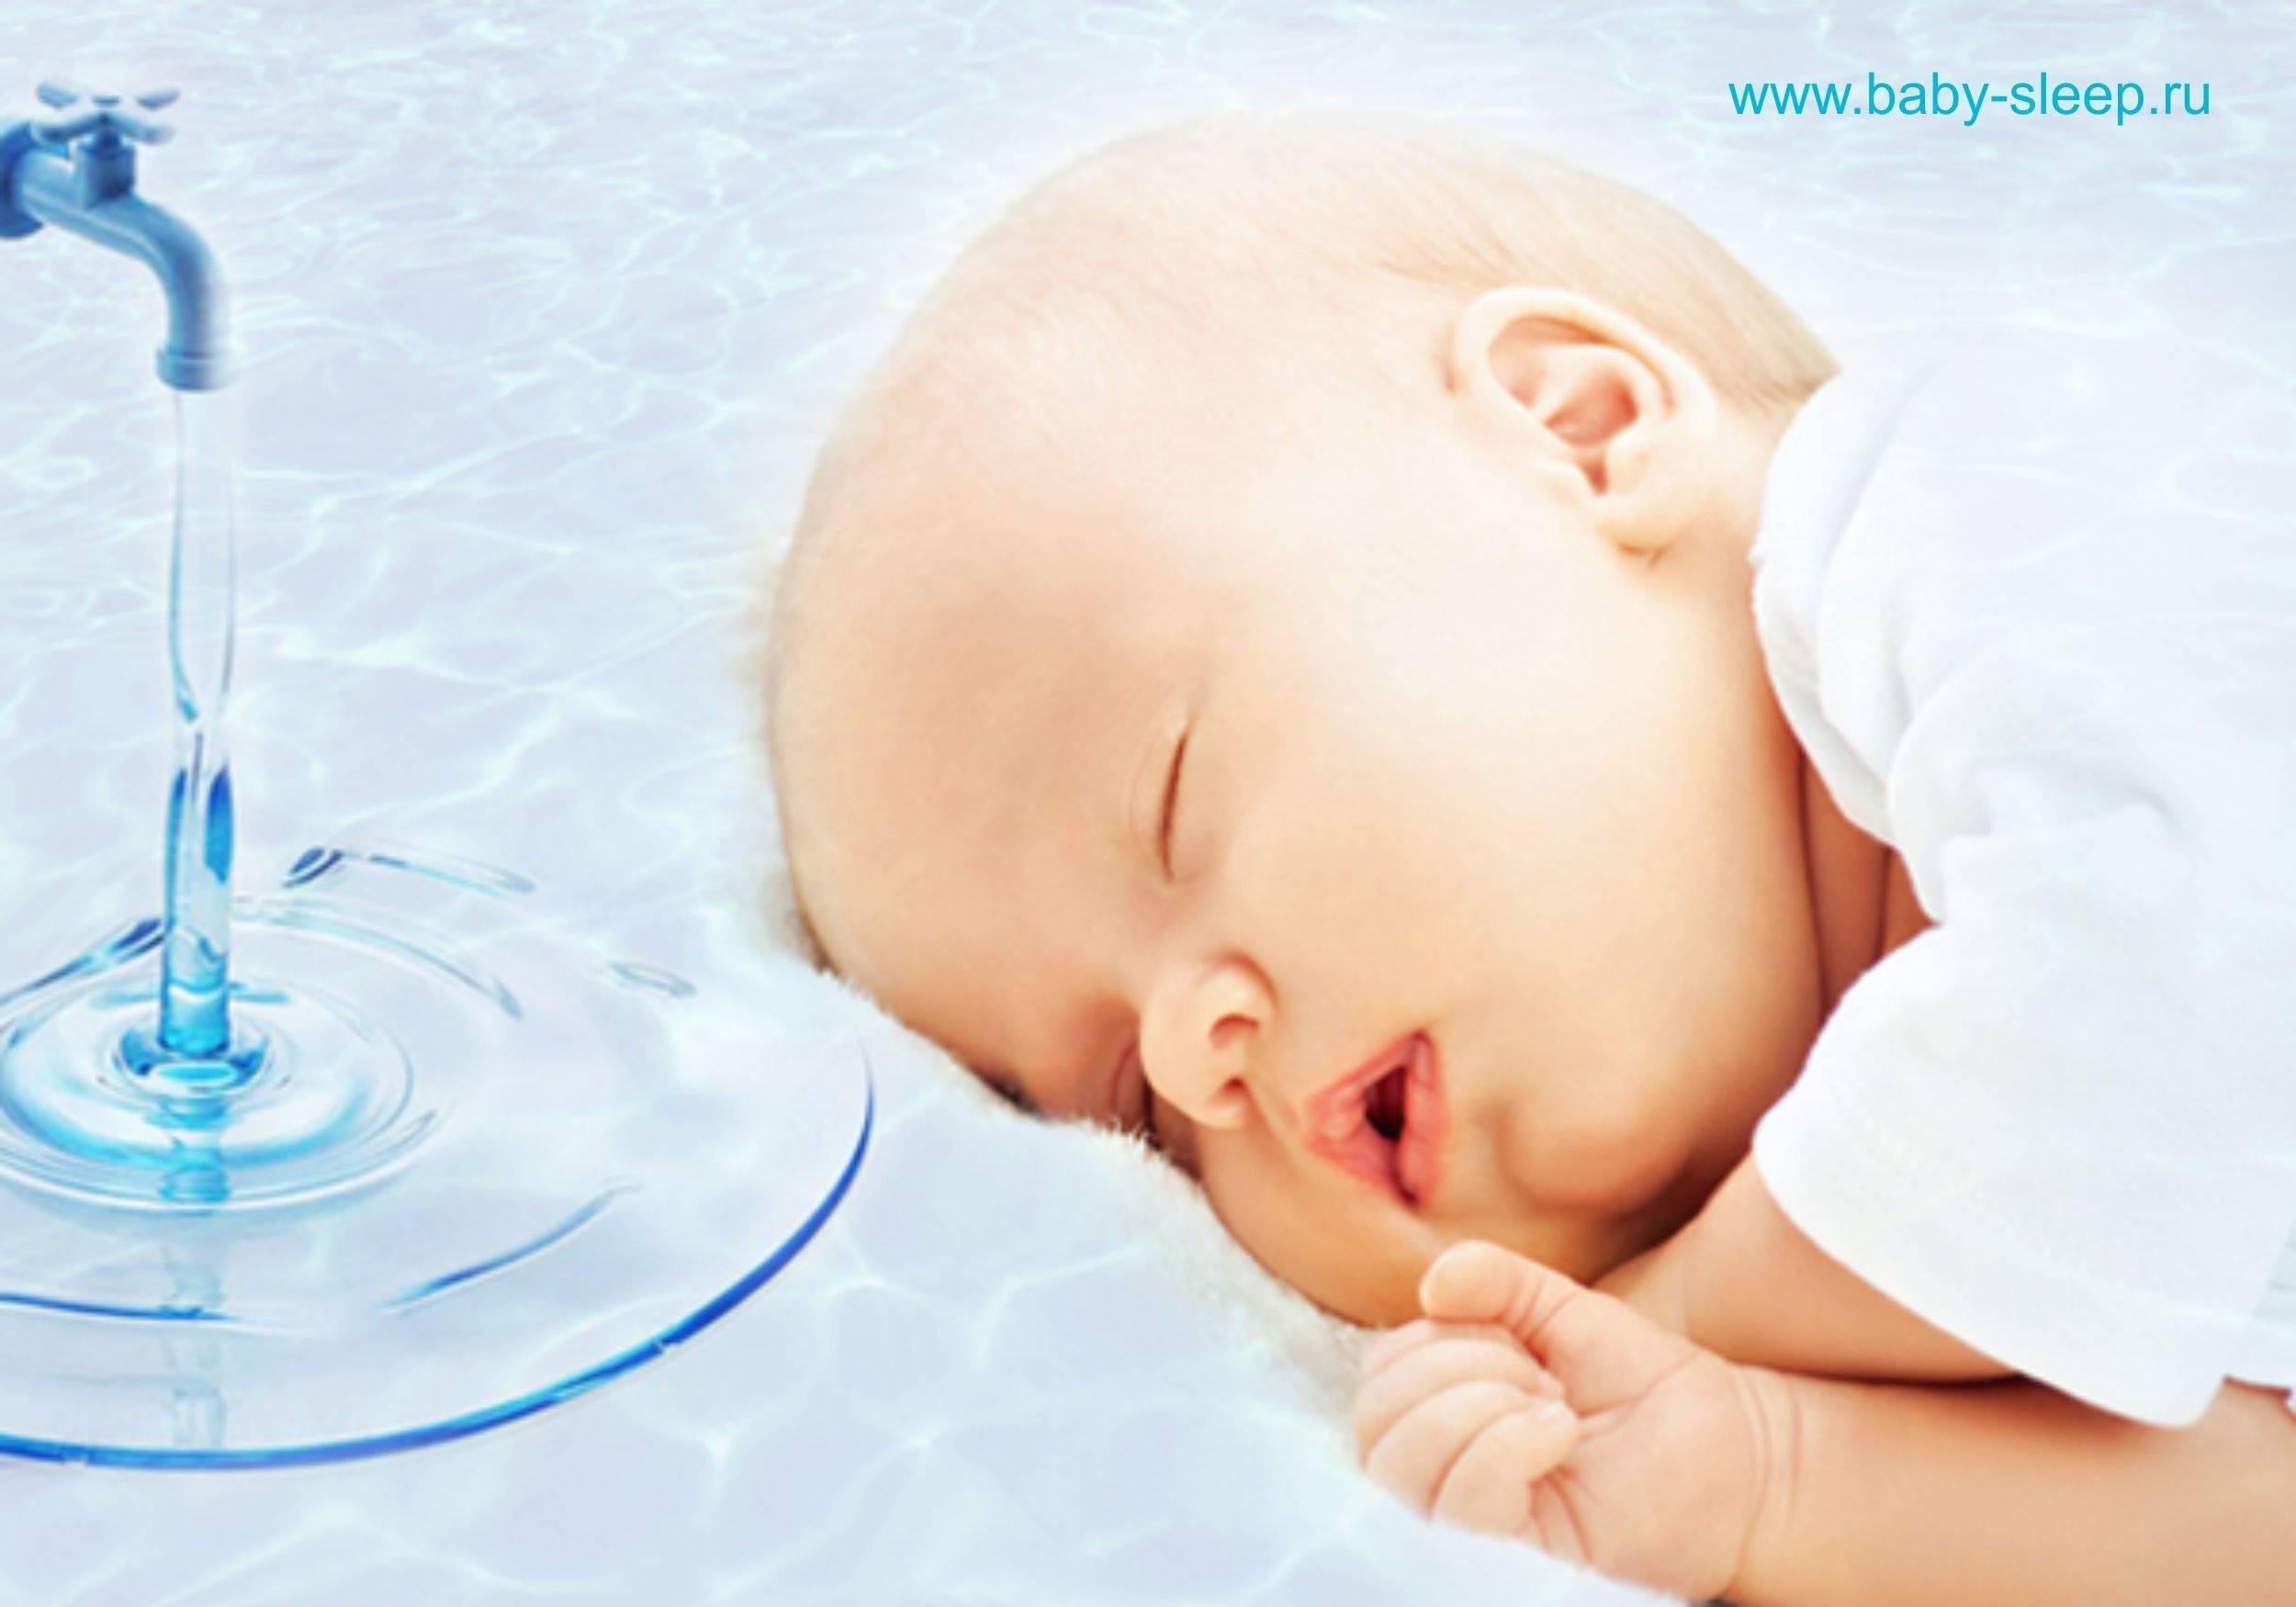 Грудничок и сон, грудничок щипается почему грудничок часто просыпается ночью